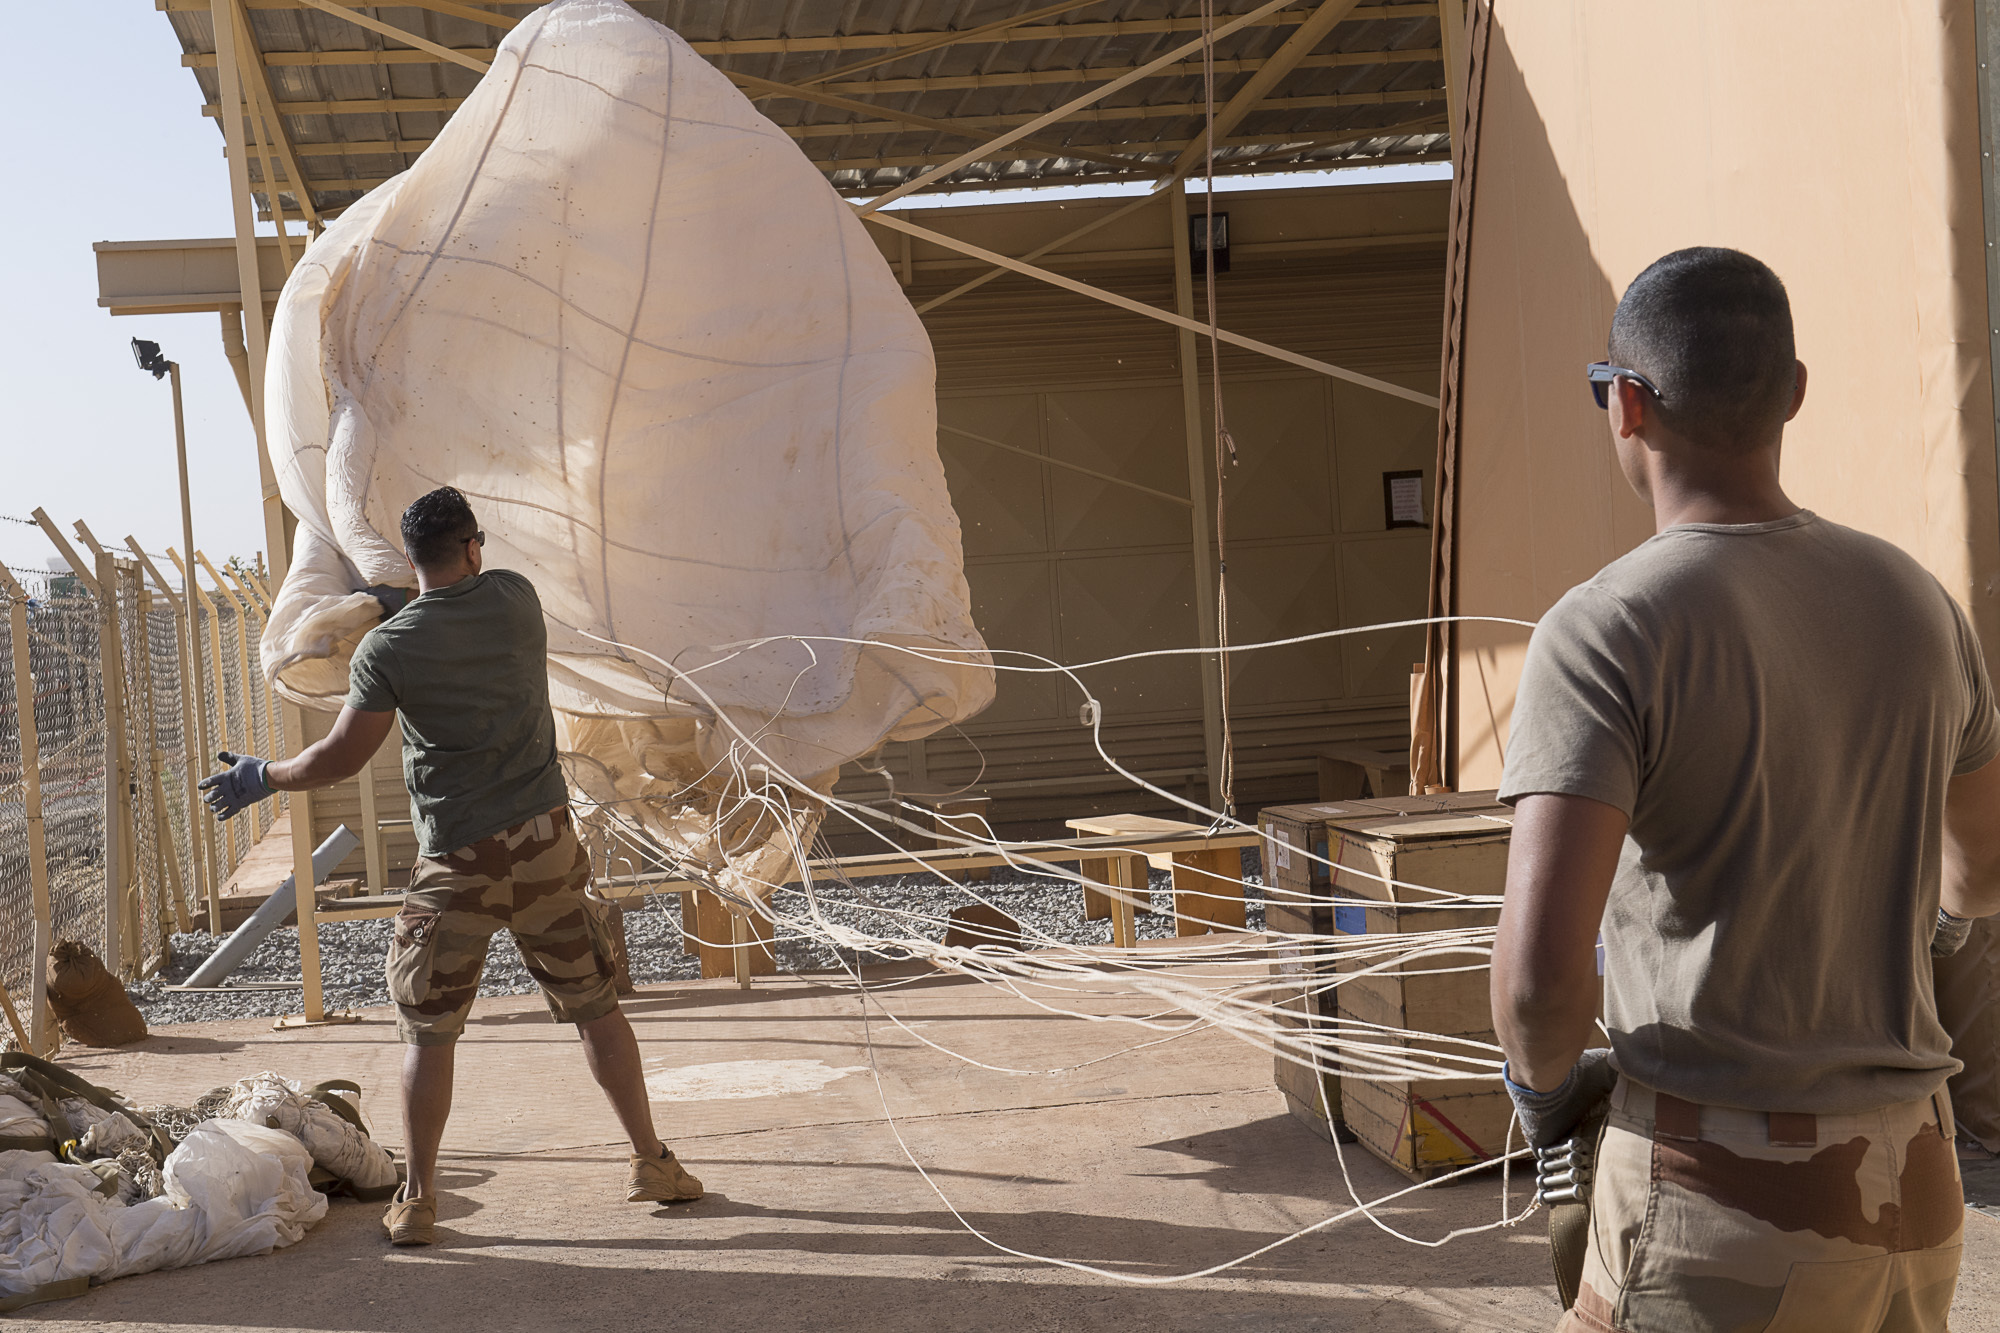 Le détachement technique de matériel parachutage largage de Ba